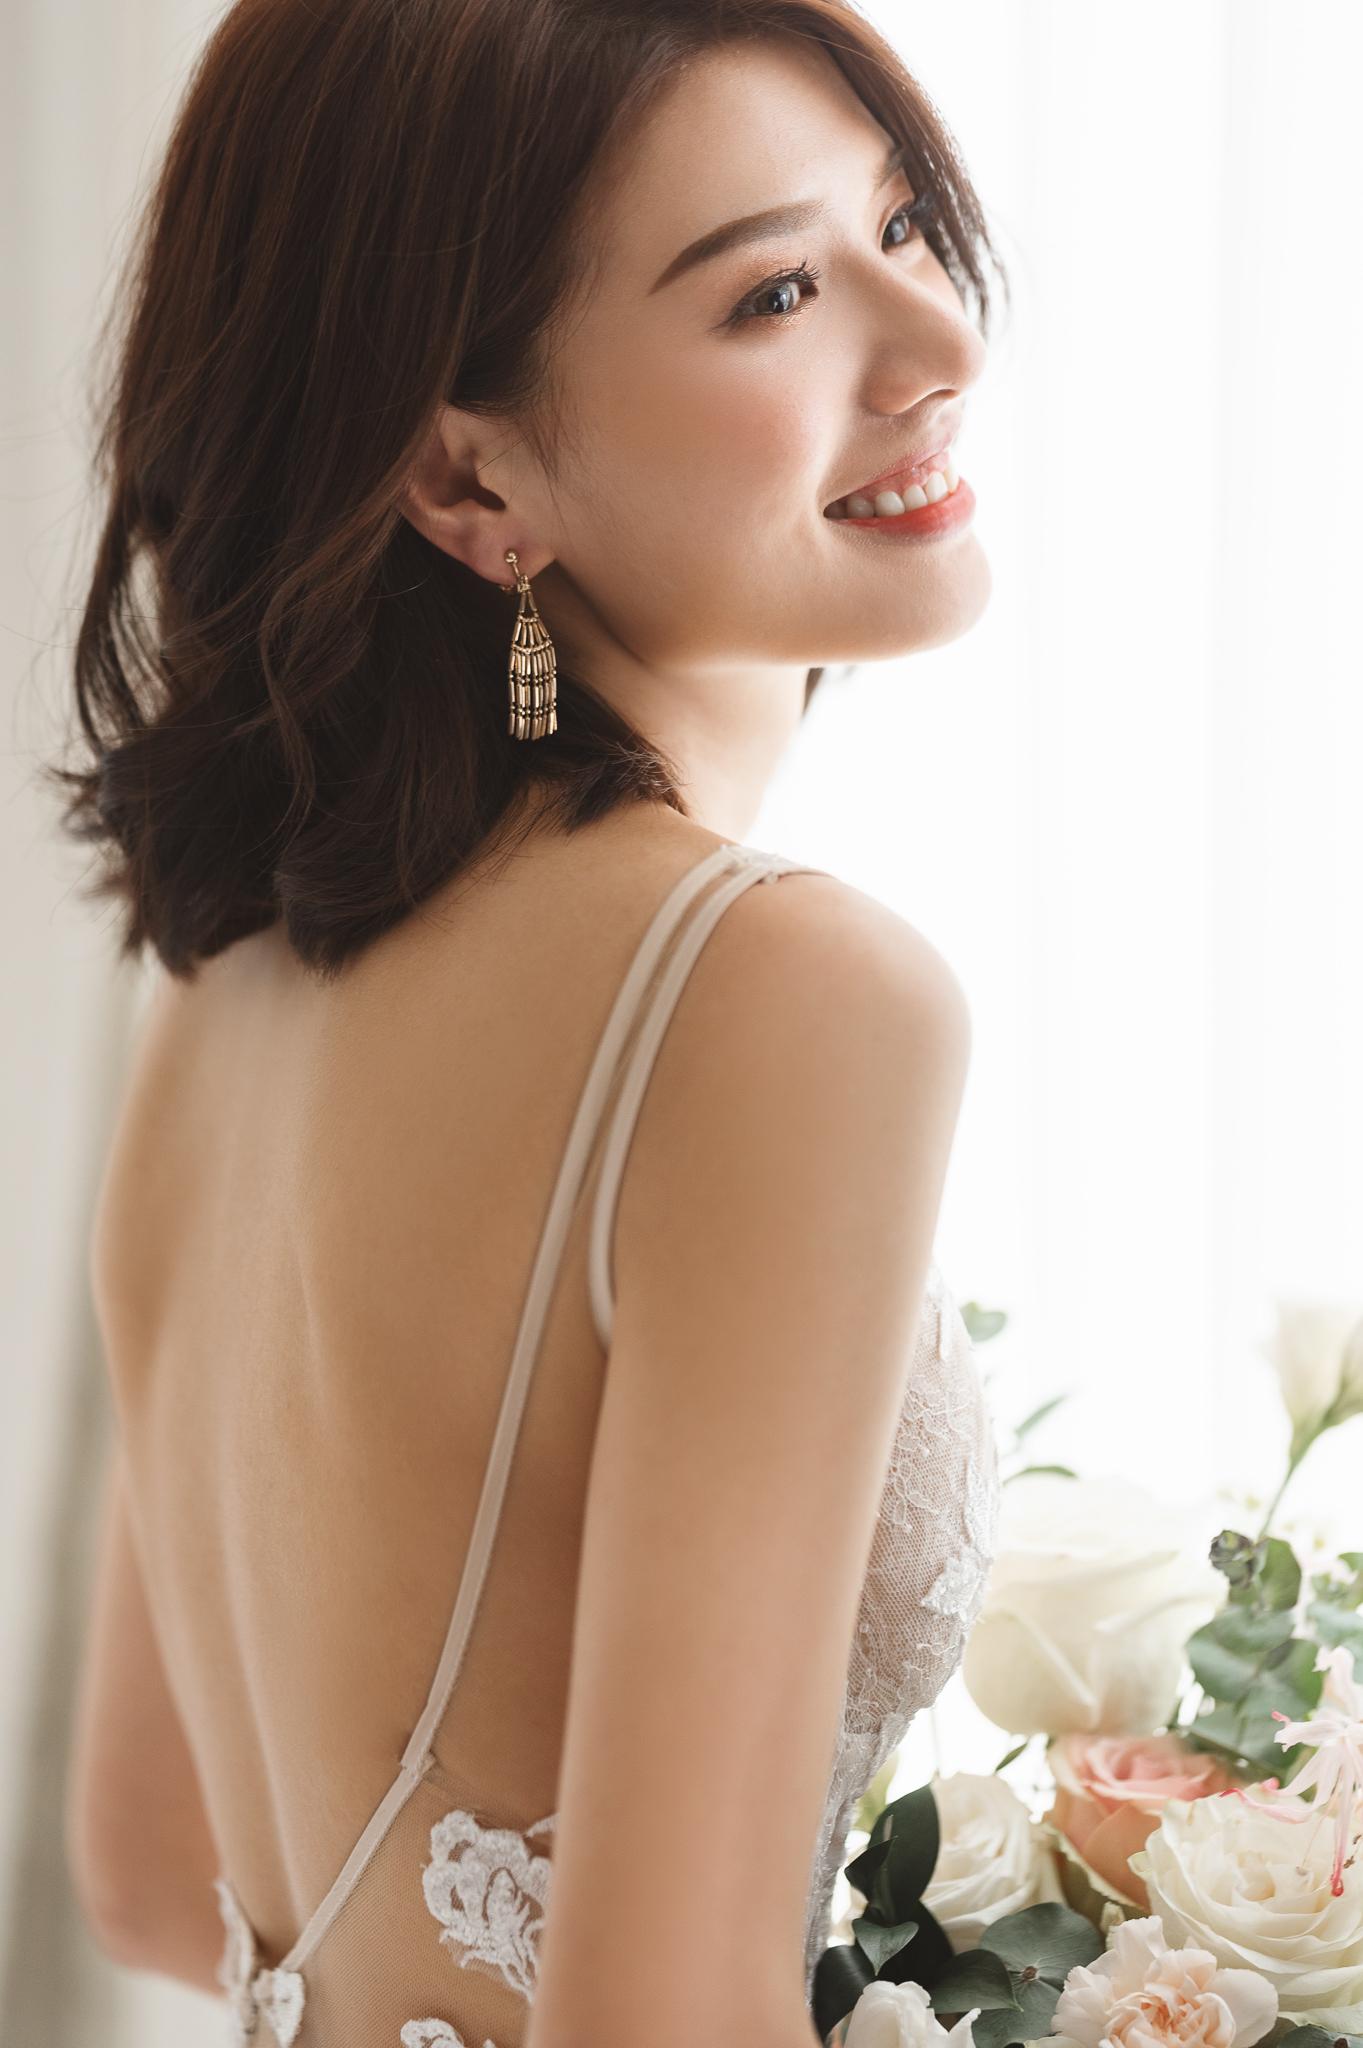 自助婚紗 婚紗包套 EASTERN WEDDING 婚攝小亮 清新明亮 自然 生活 浪漫唯美 美式  生活 便服